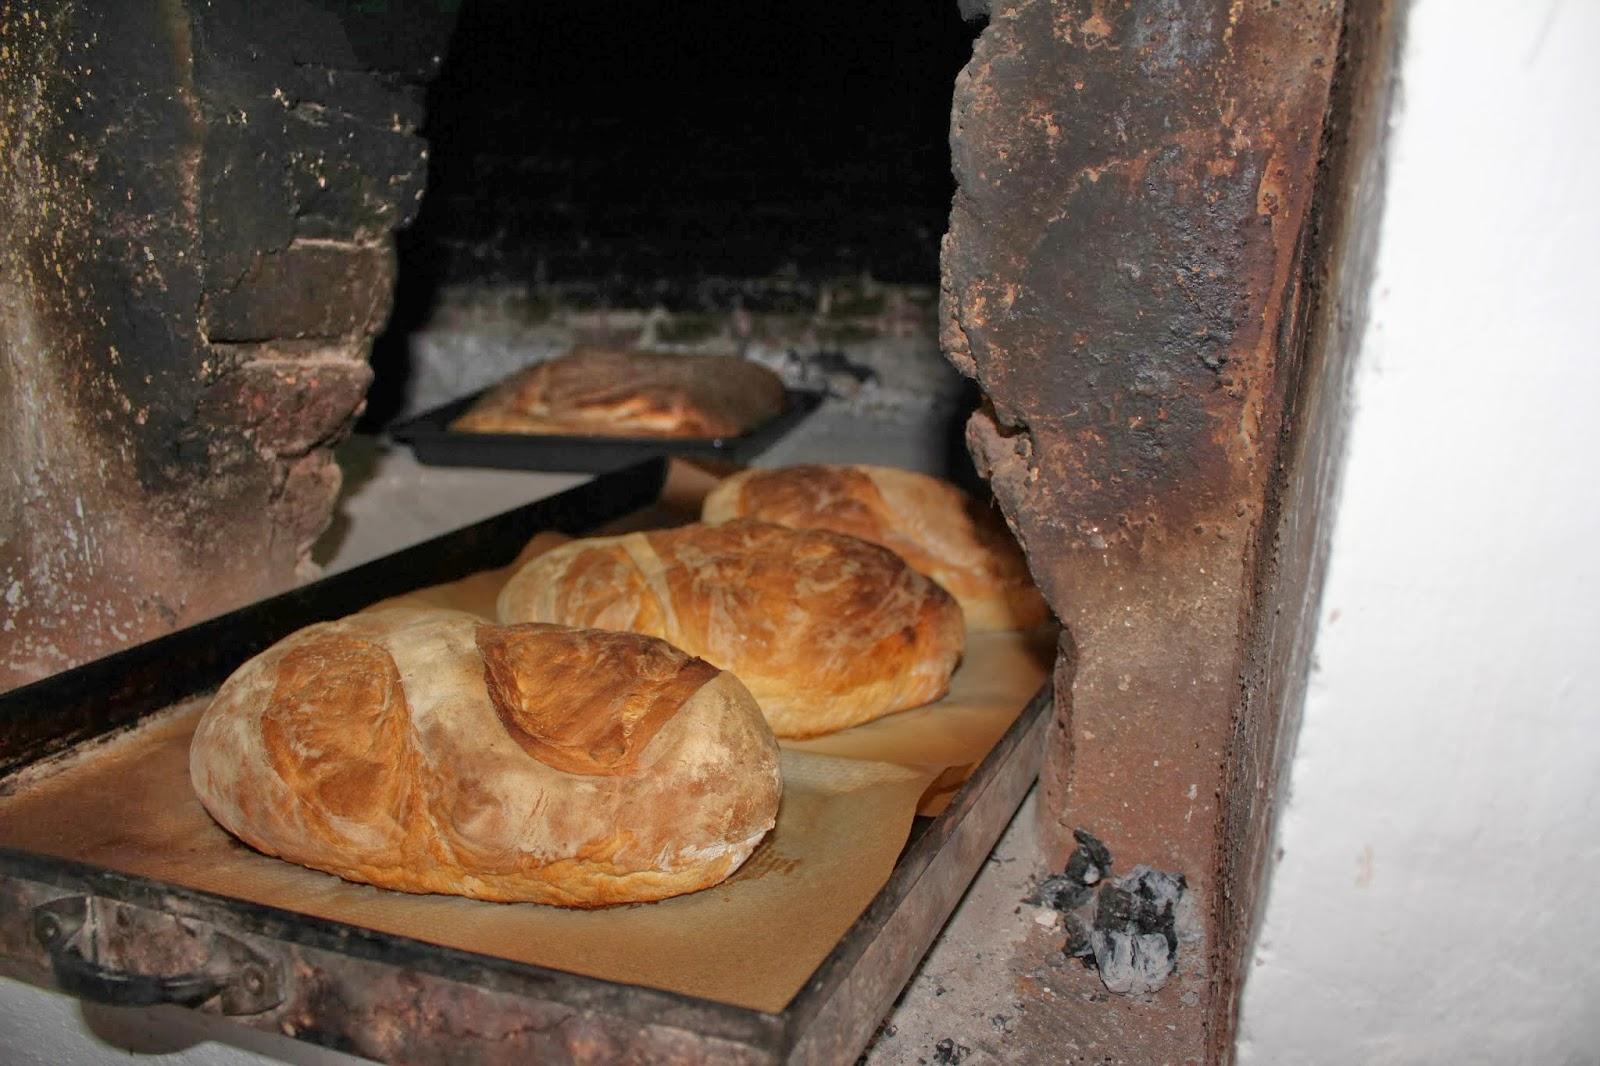 Cheffrustrado soy pan en horno de le a del cheffrustrado - Calentar horno de lena ...